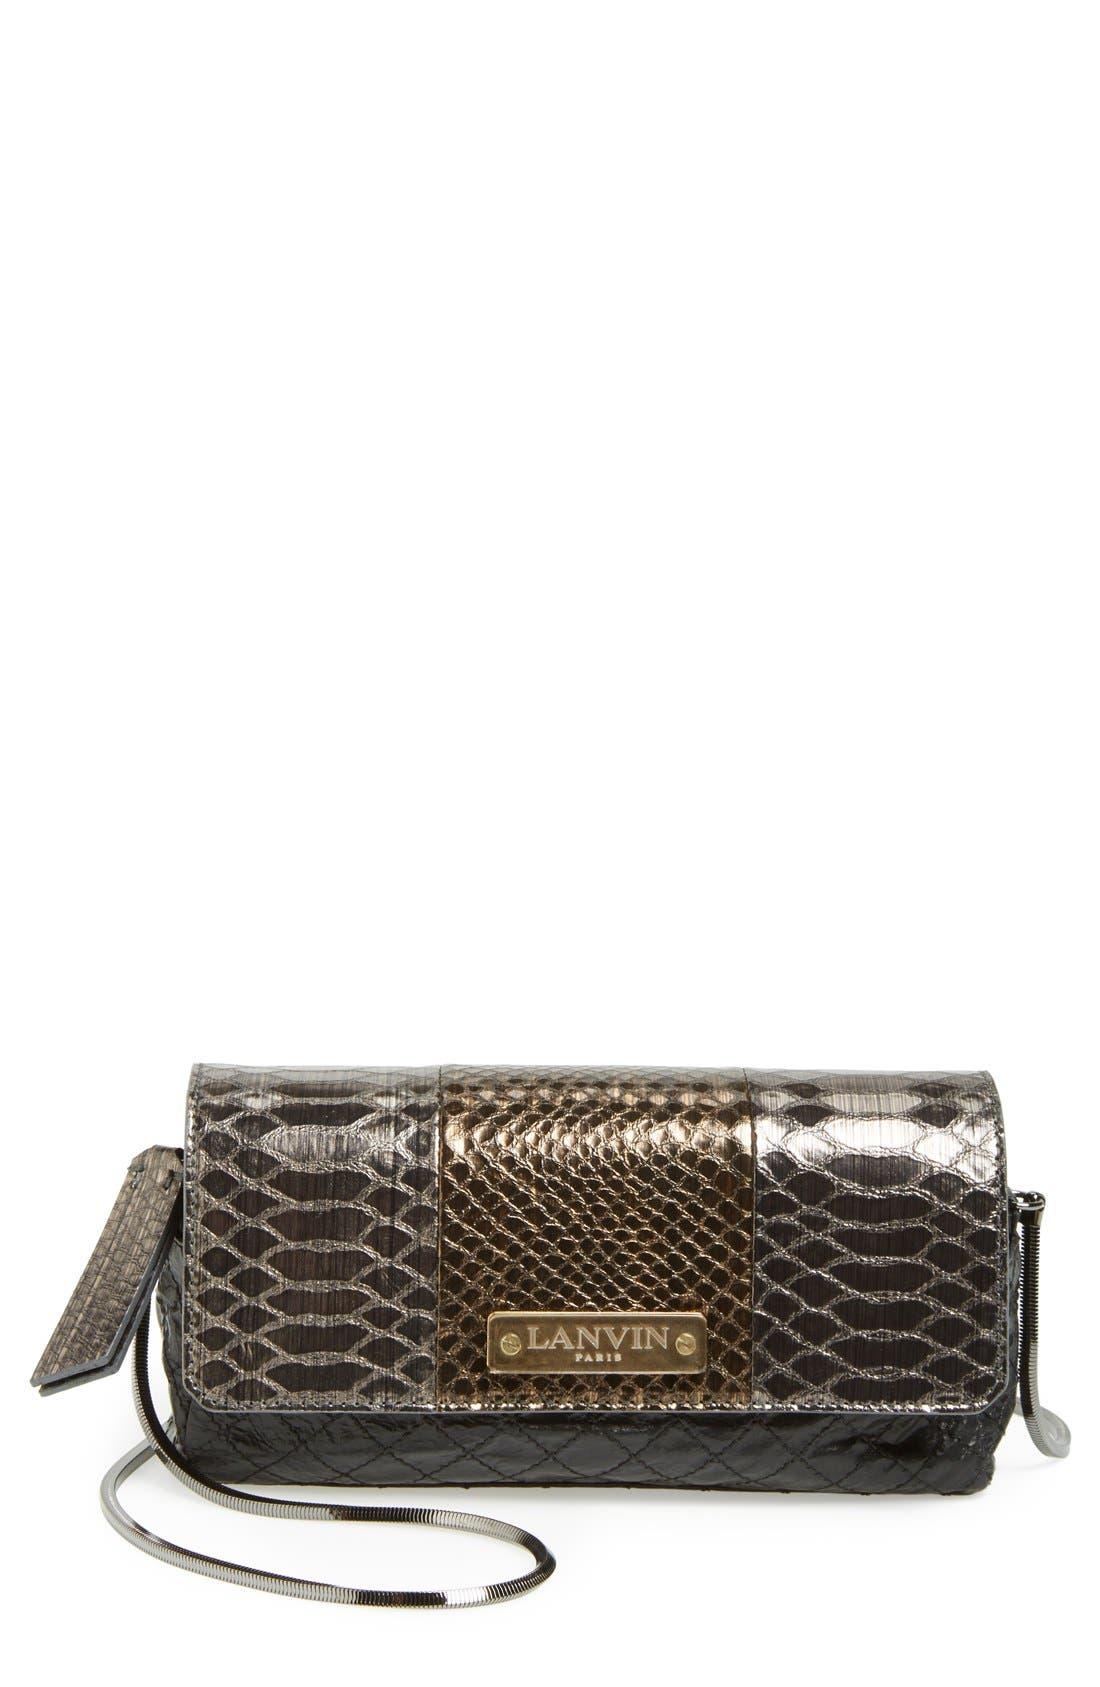 Main Image - Lanvin 'Small Paper Bag' Lambskin Shoulder Bag